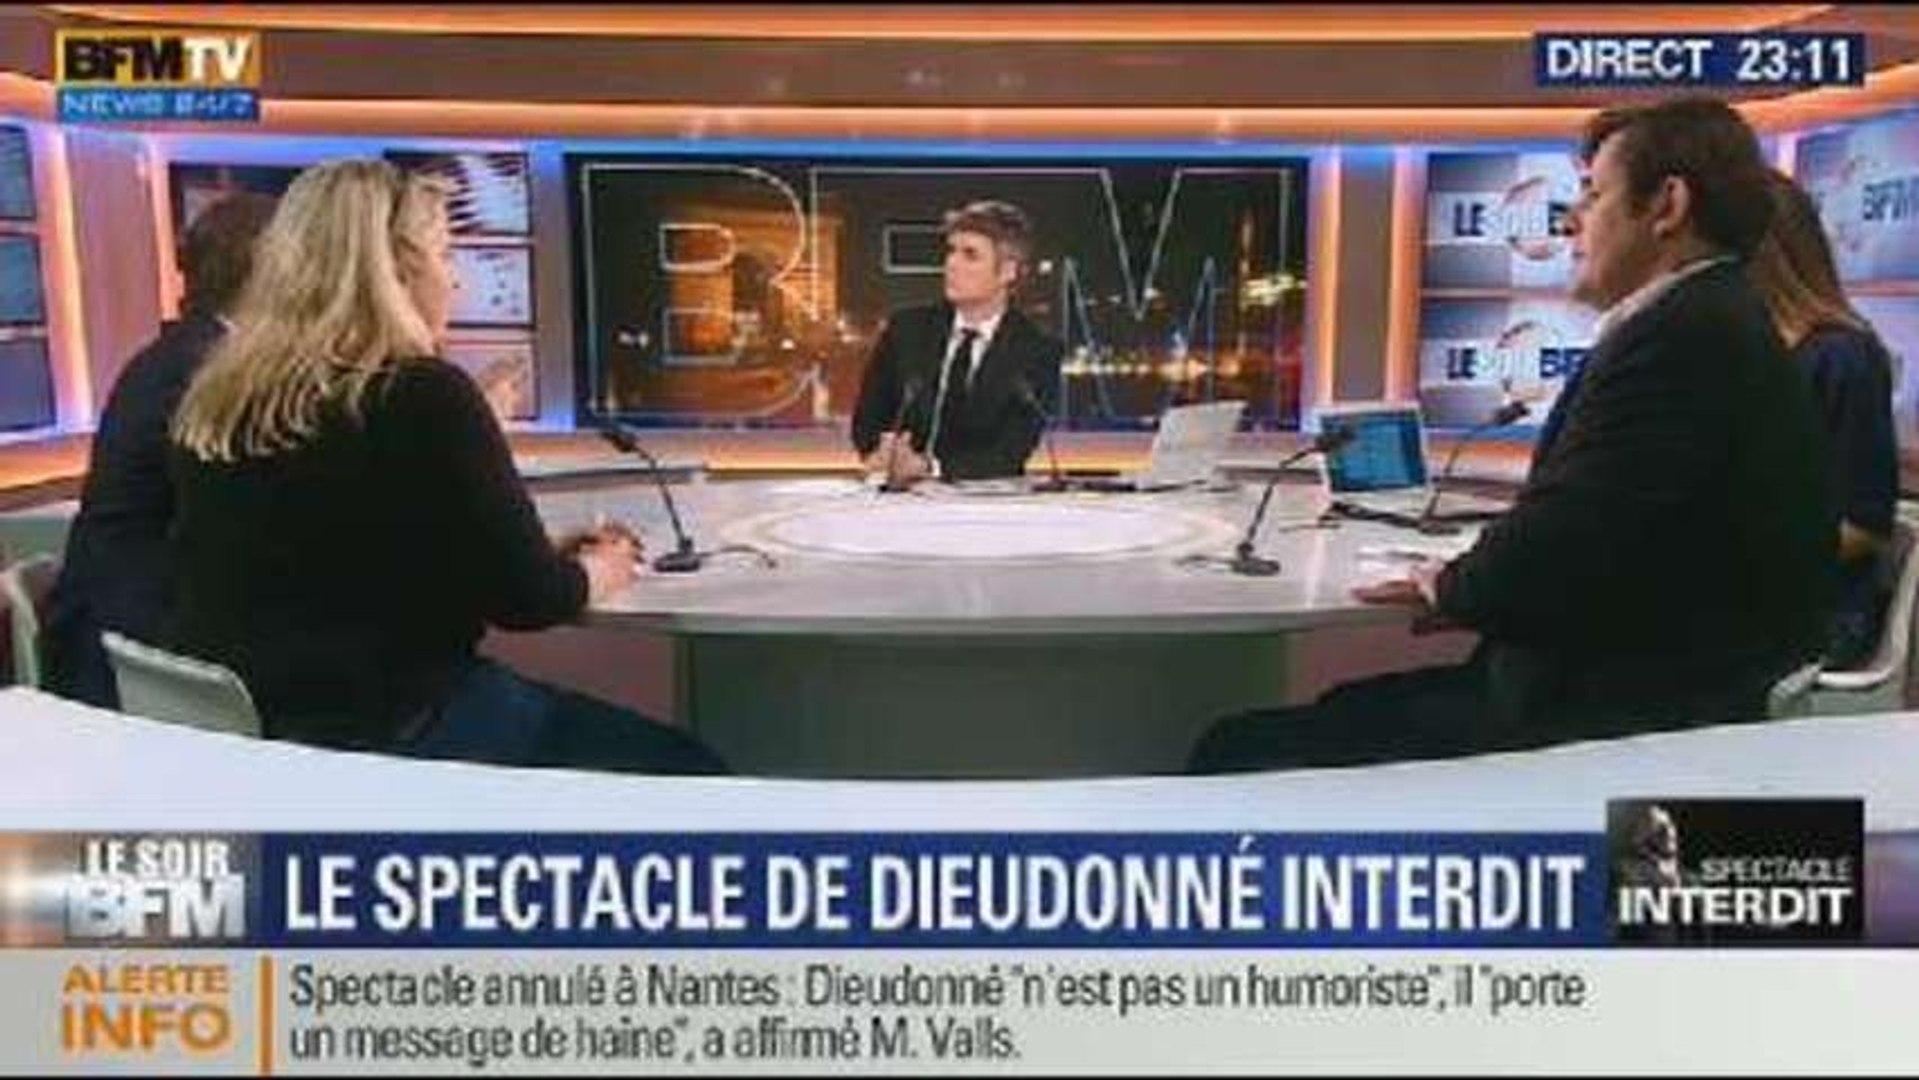 Le Soir BFM: Le spectacle de Dieudonné est interdit - 09/01 2/2